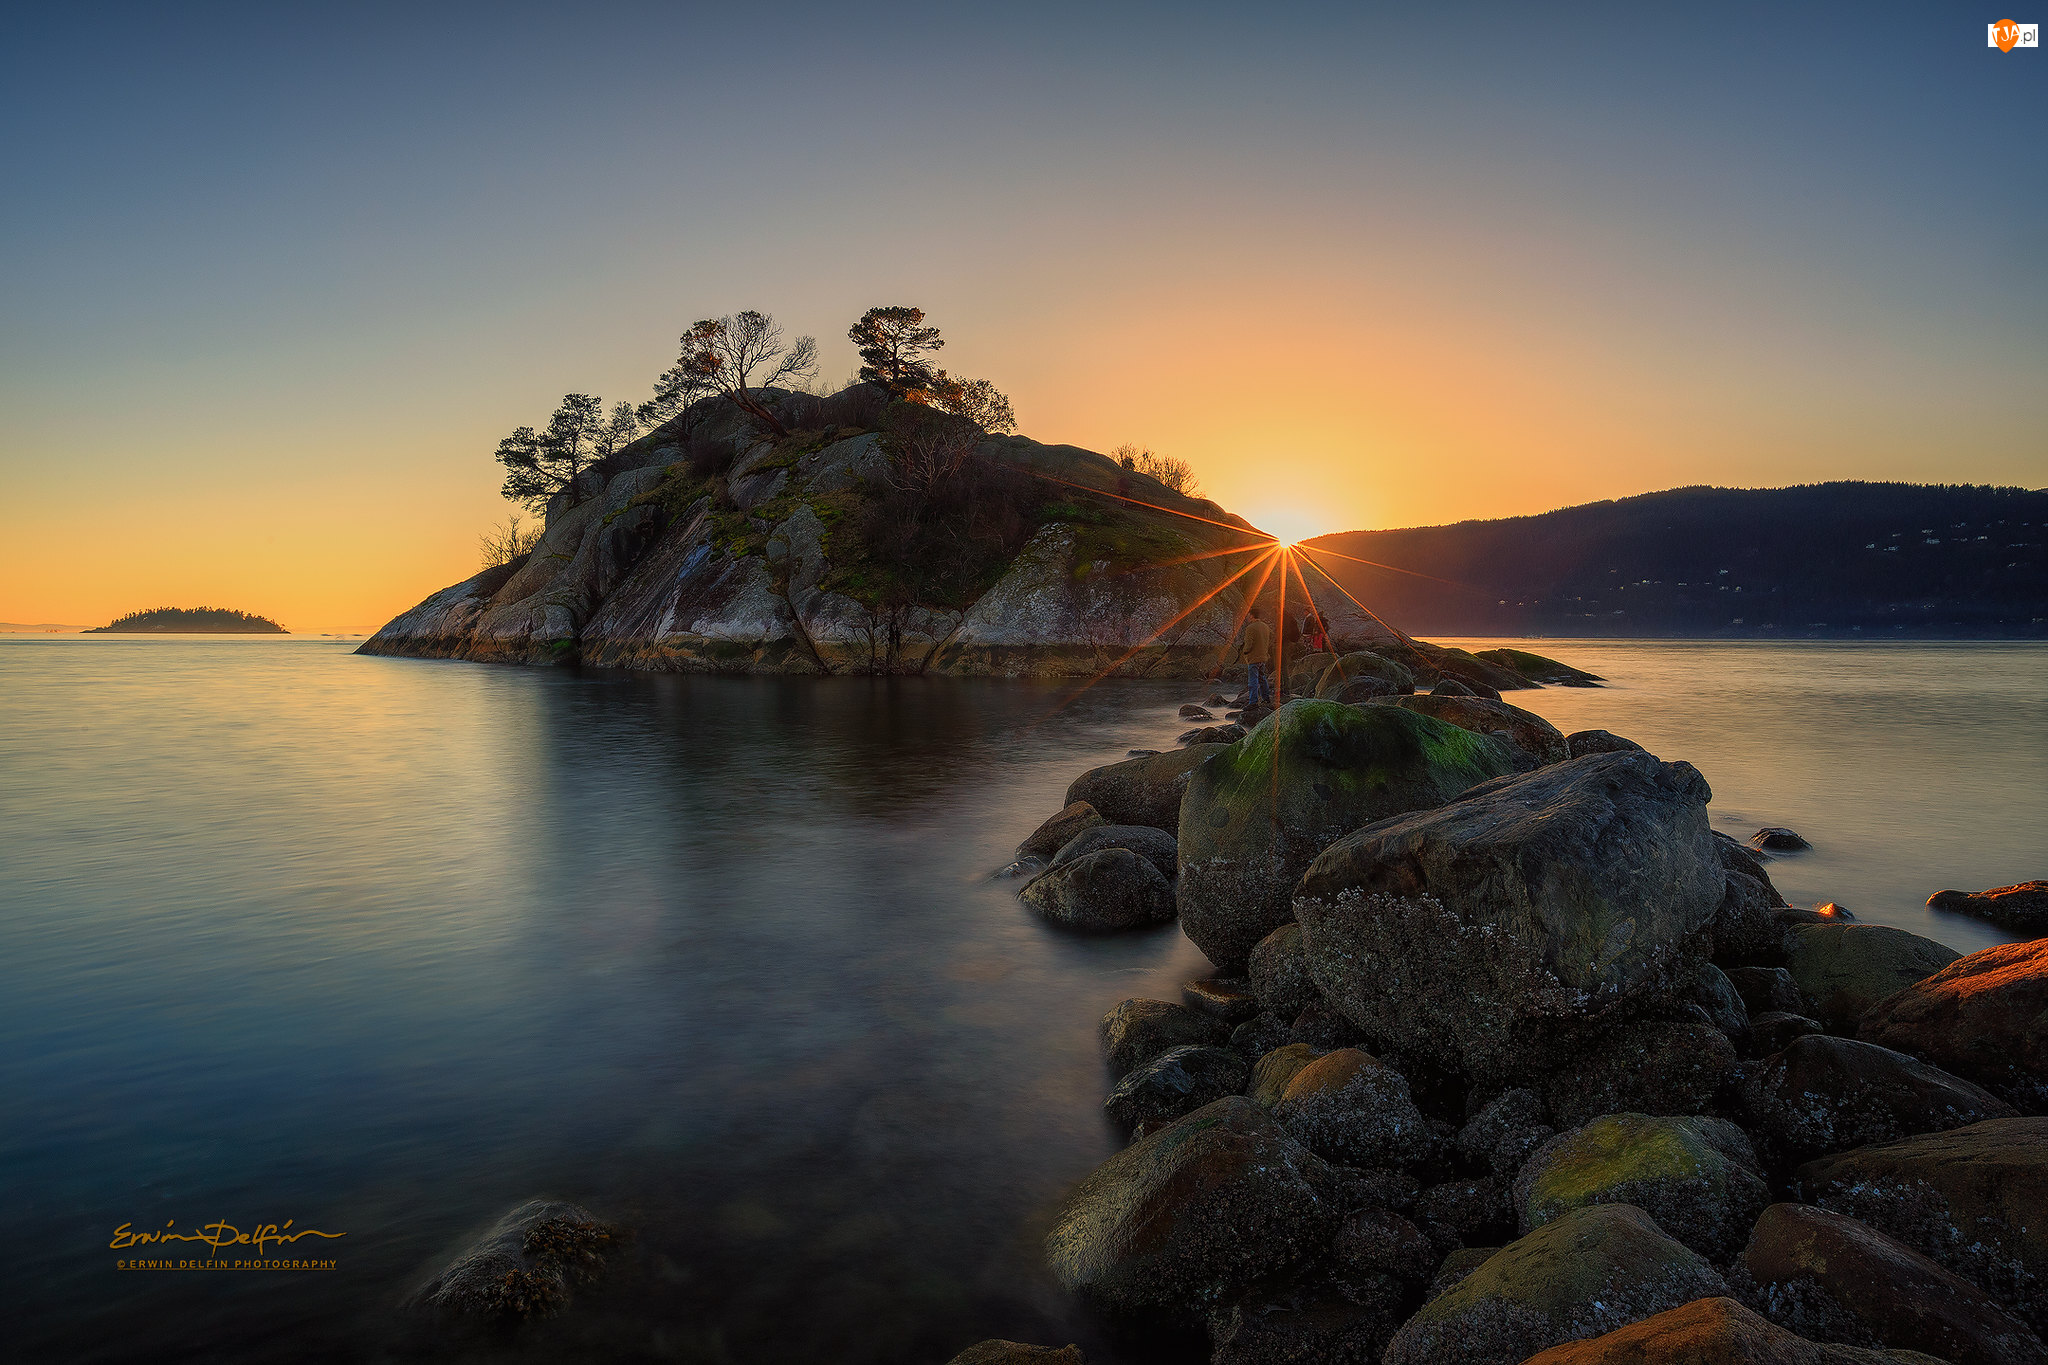 Kanada, Morze, West Vancouver, Kamienie, Whytecliffpark, Skały, Drzewa, Zachód słońca, Omszałe